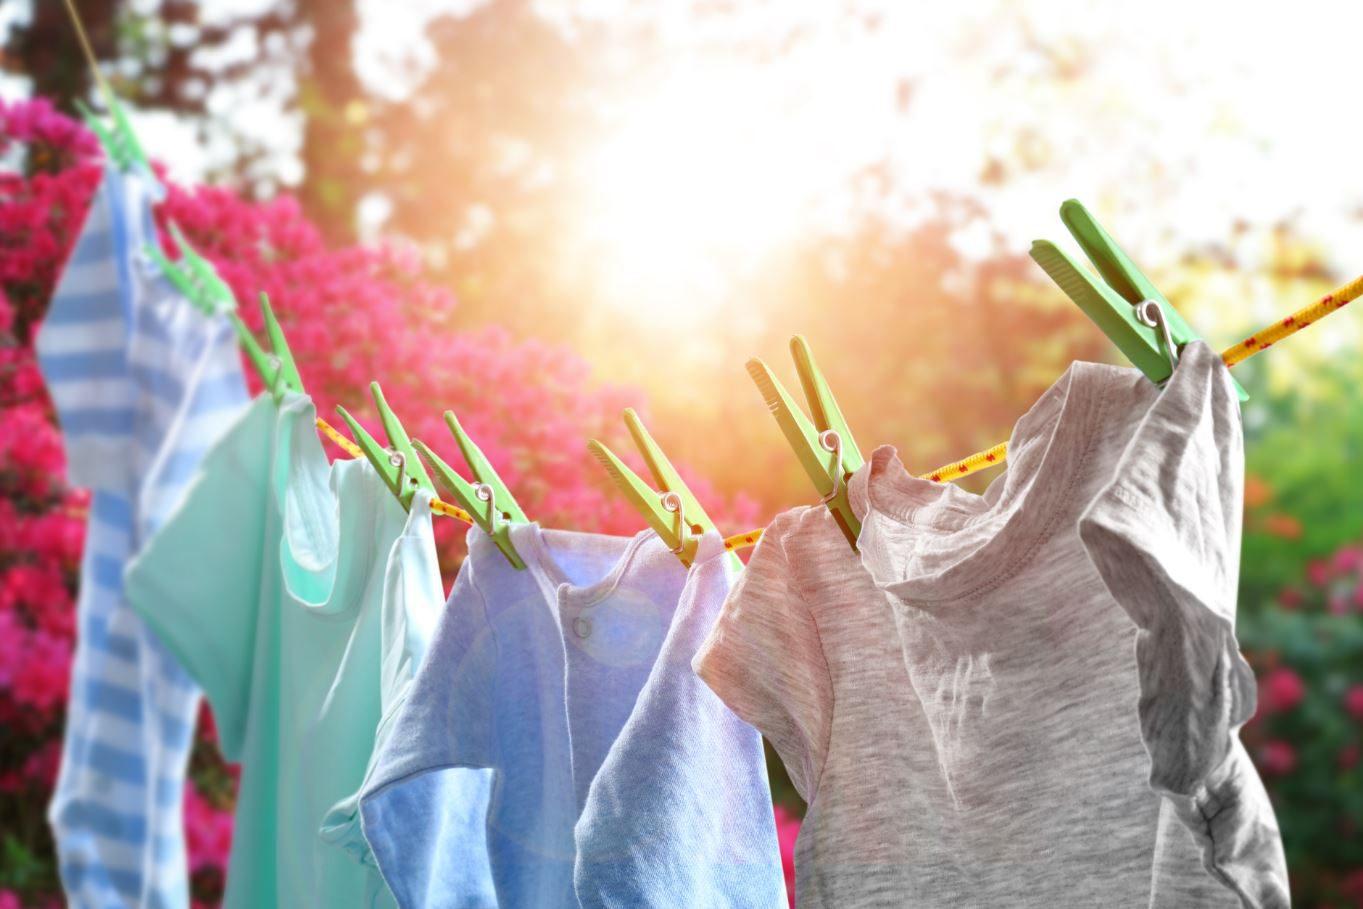 ดูแลเสื้อผ้าอย่างไร ให้สีคงความสดเหมือนใหม่